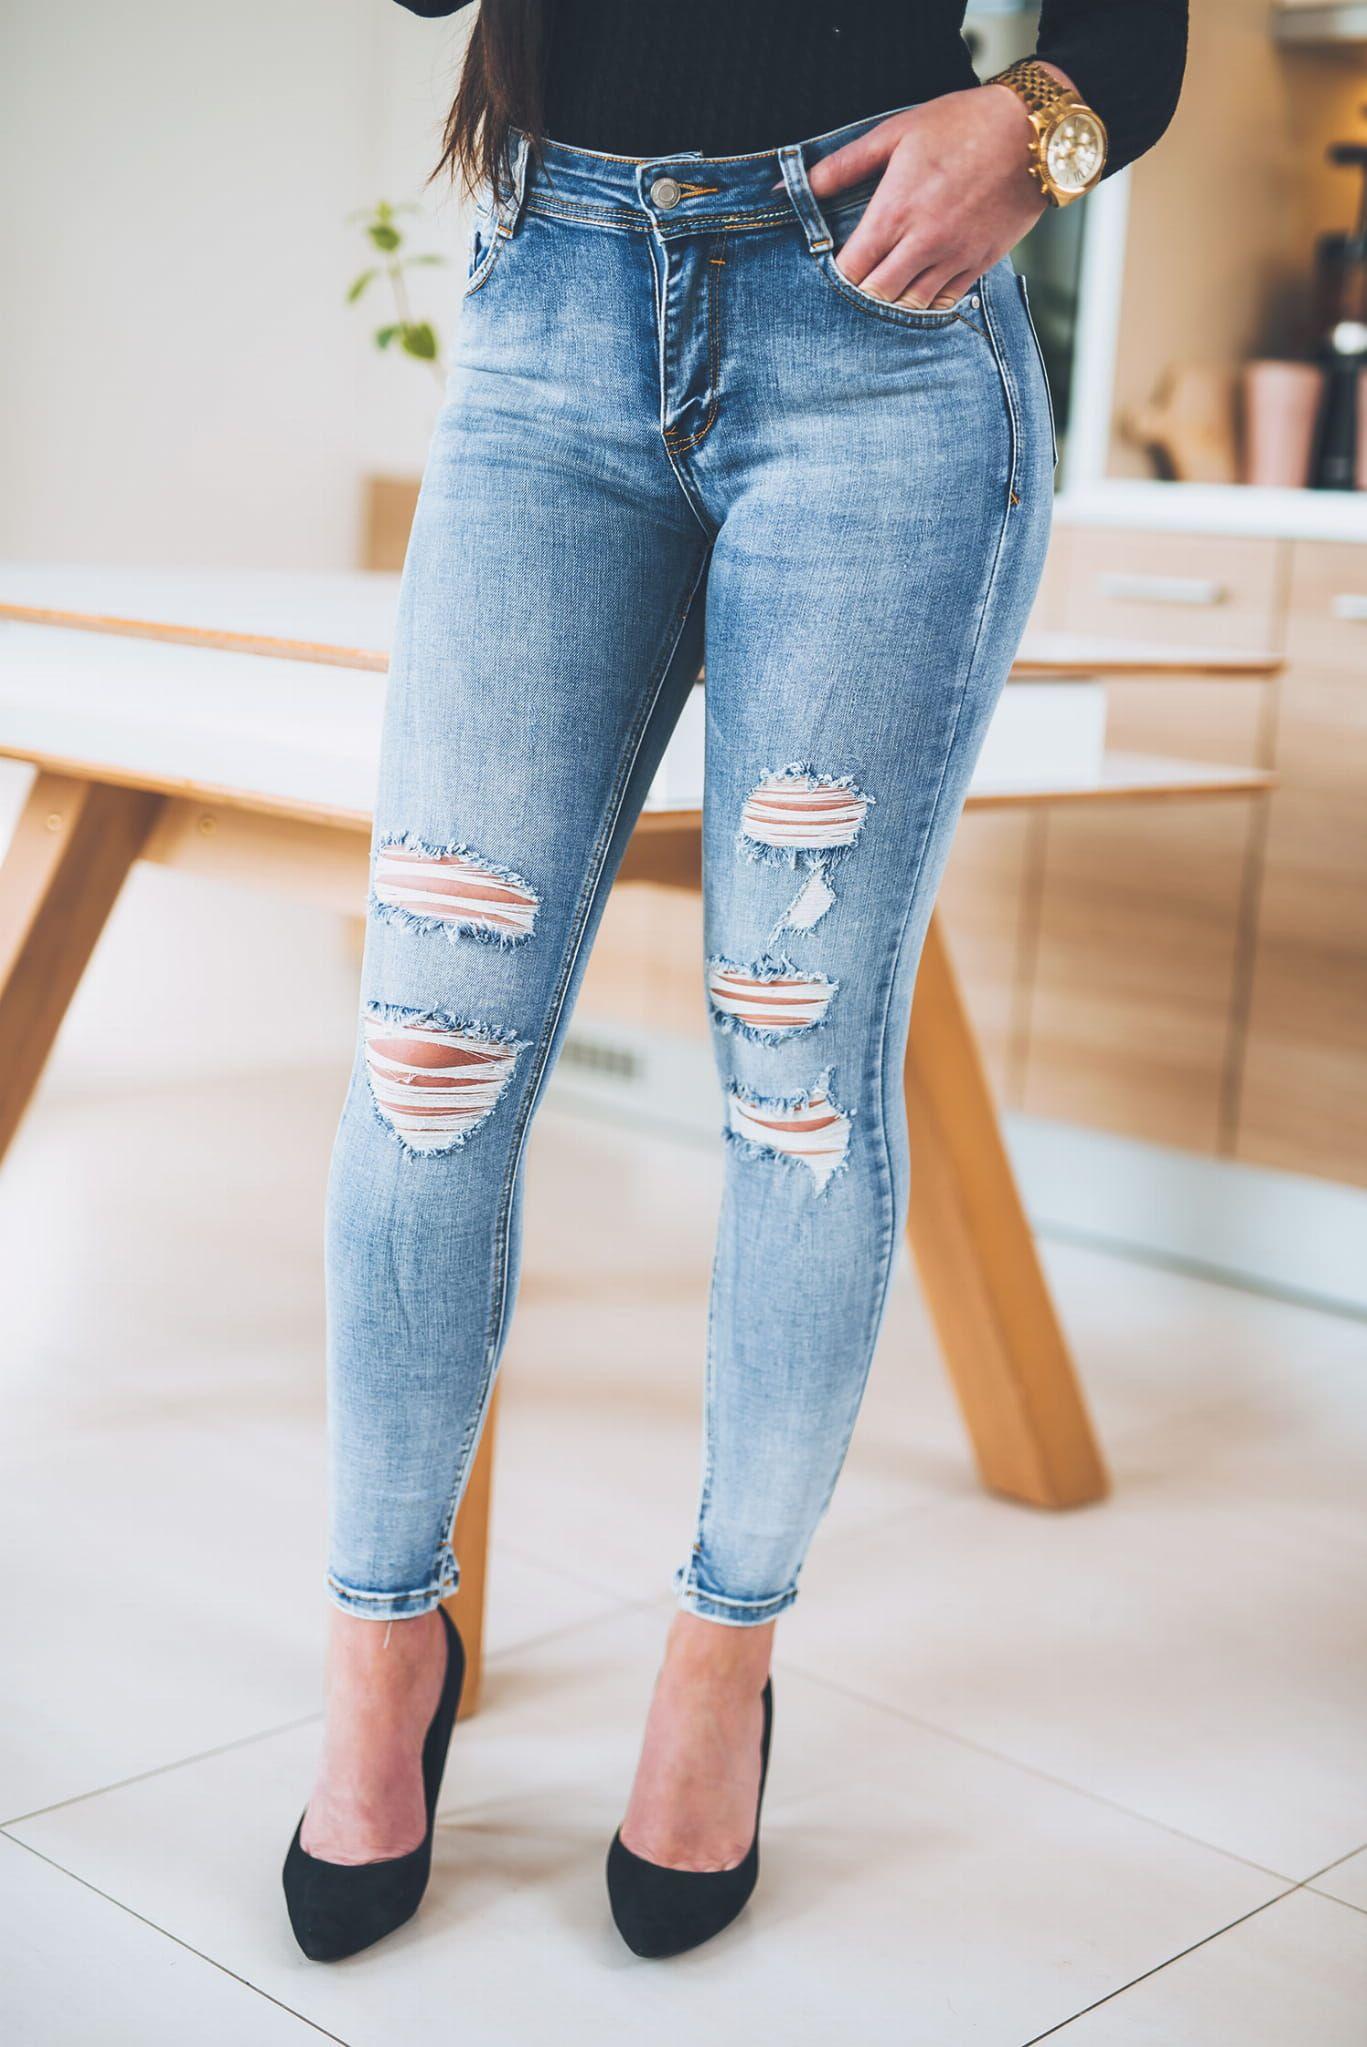 Z295 Dopasowane Jasne Dzinsy Damskie Z Dziurami Rozmiar Xs S M L Xl Skinny Jeans Fashion Denim